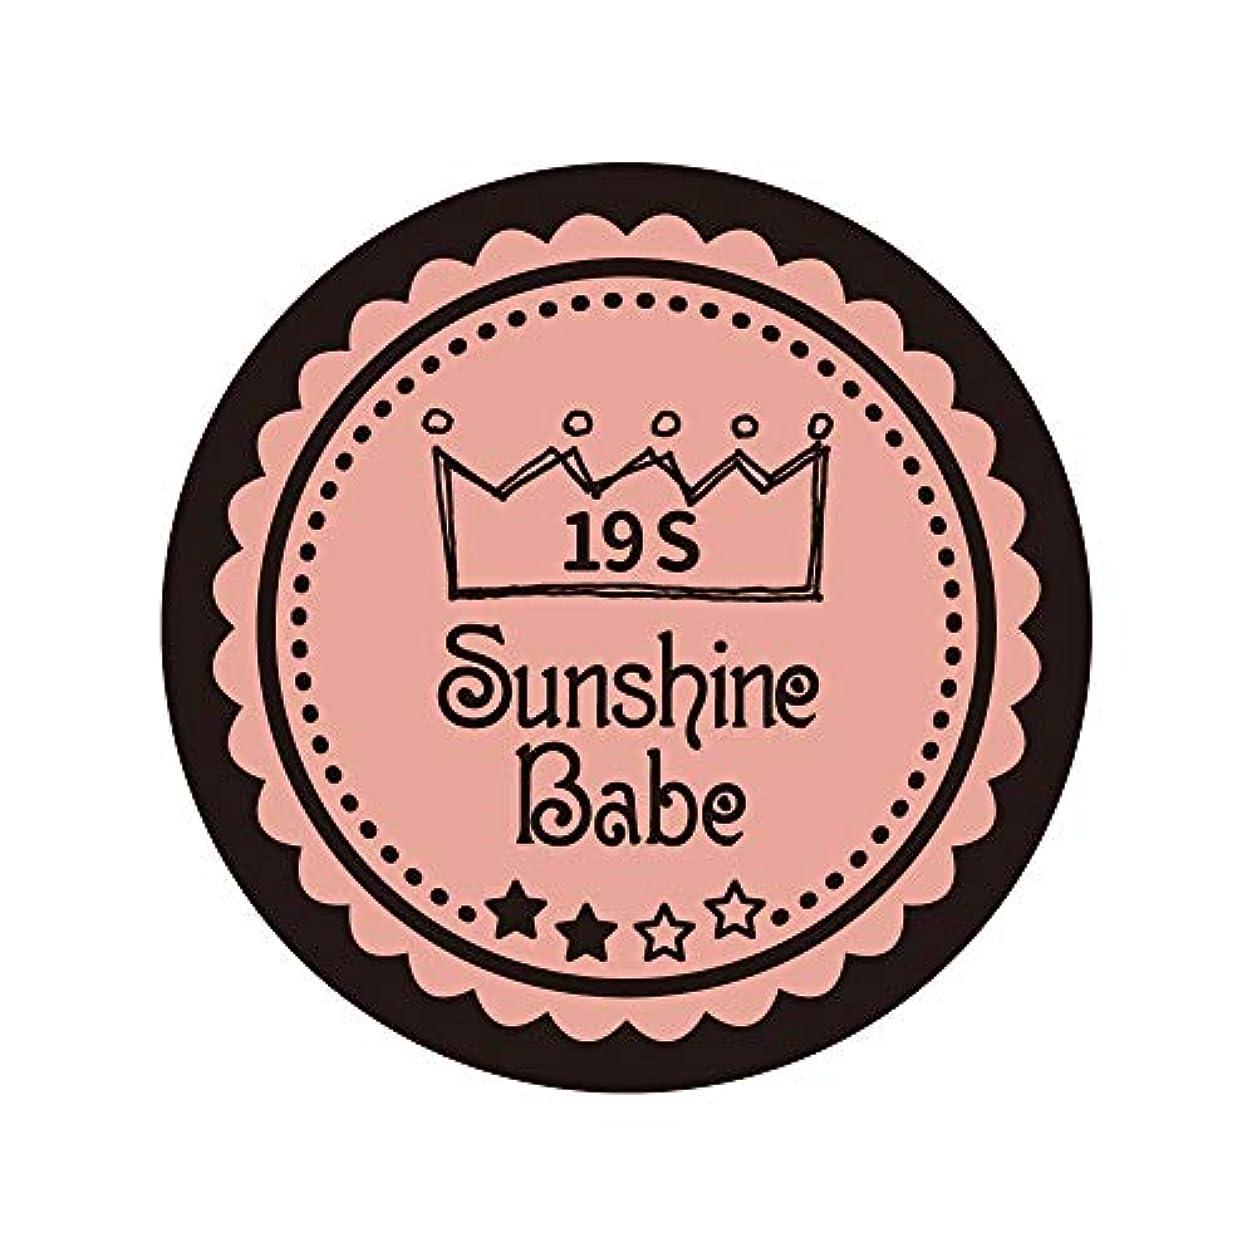 ジョグ絡み合い社会科Sunshine Babe カラージェル 19S ローズカシュ 2.7g UV/LED対応